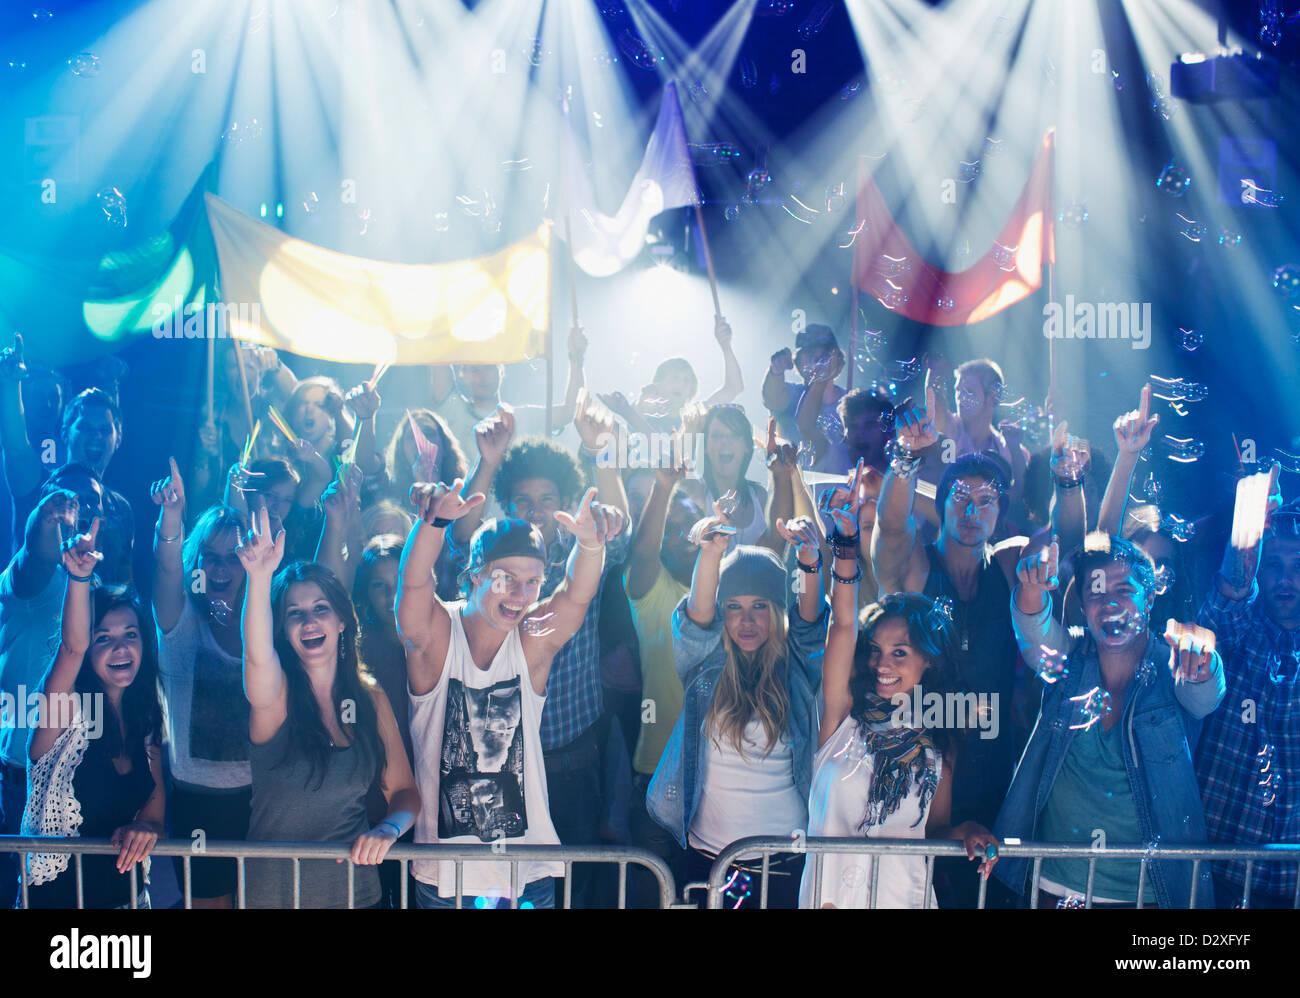 Ritratto di folla entusiasta in concerto Immagini Stock